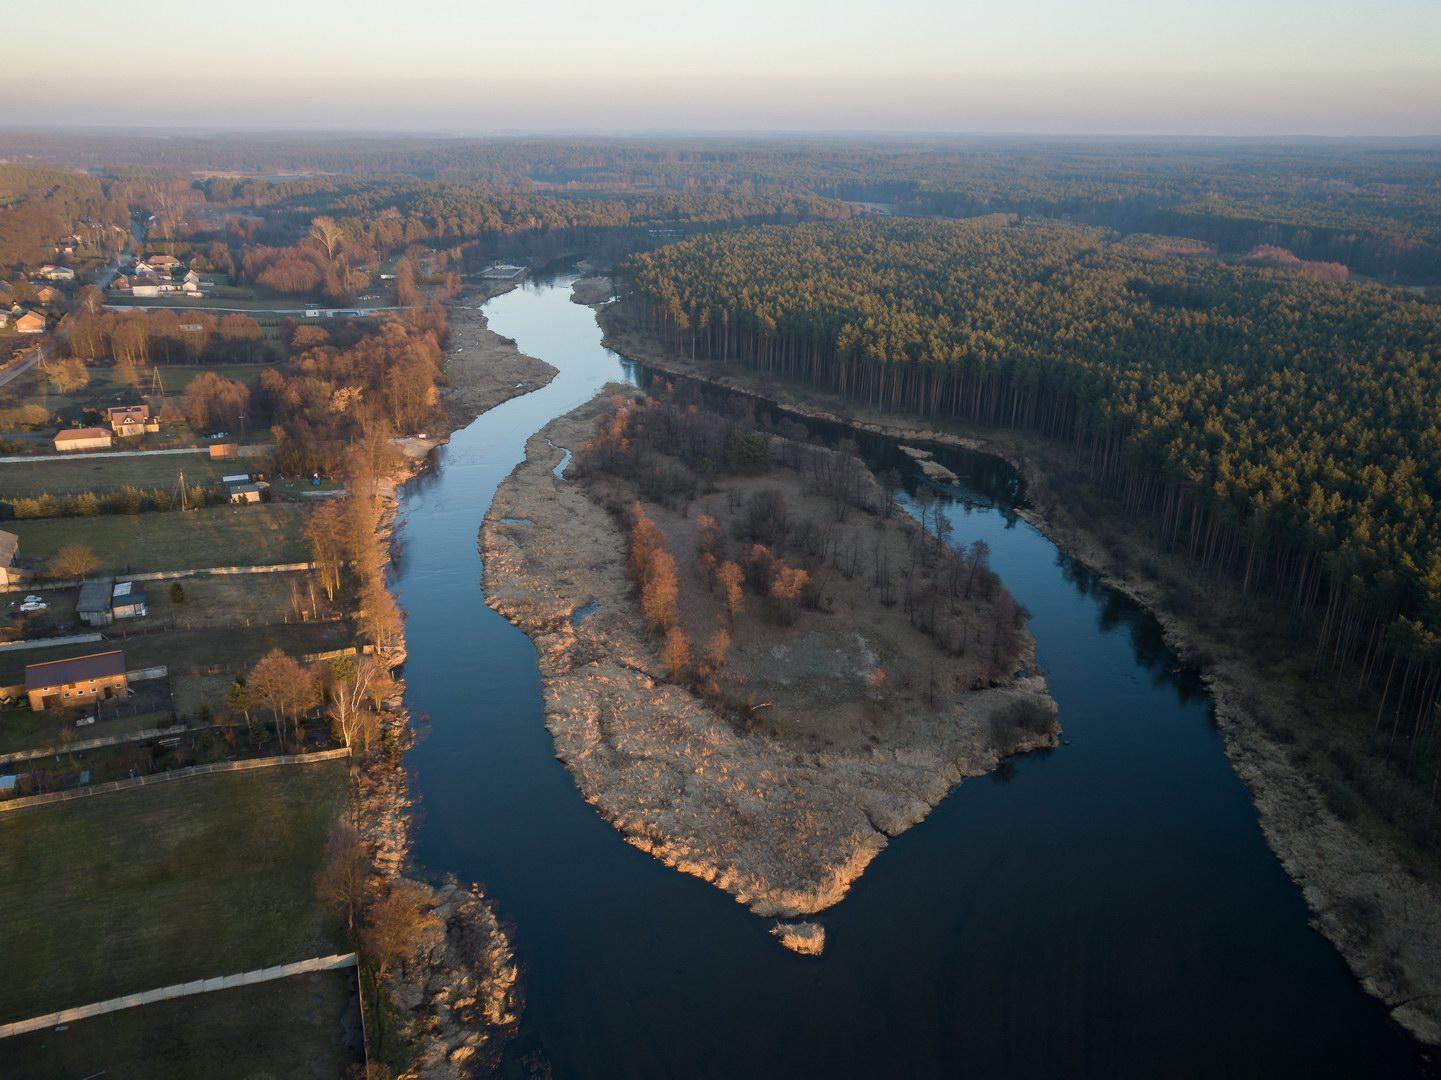 Wycieczka rowerowa do Spały i Inowłodza - Pilica w okolicach miejscowości Inowłódz